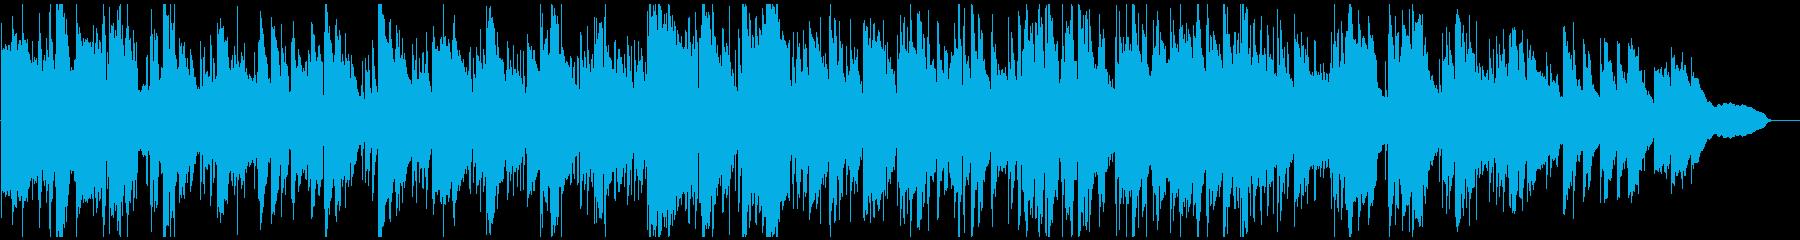 爽やかフレッシュなエレピ&サックス、綺麗の再生済みの波形